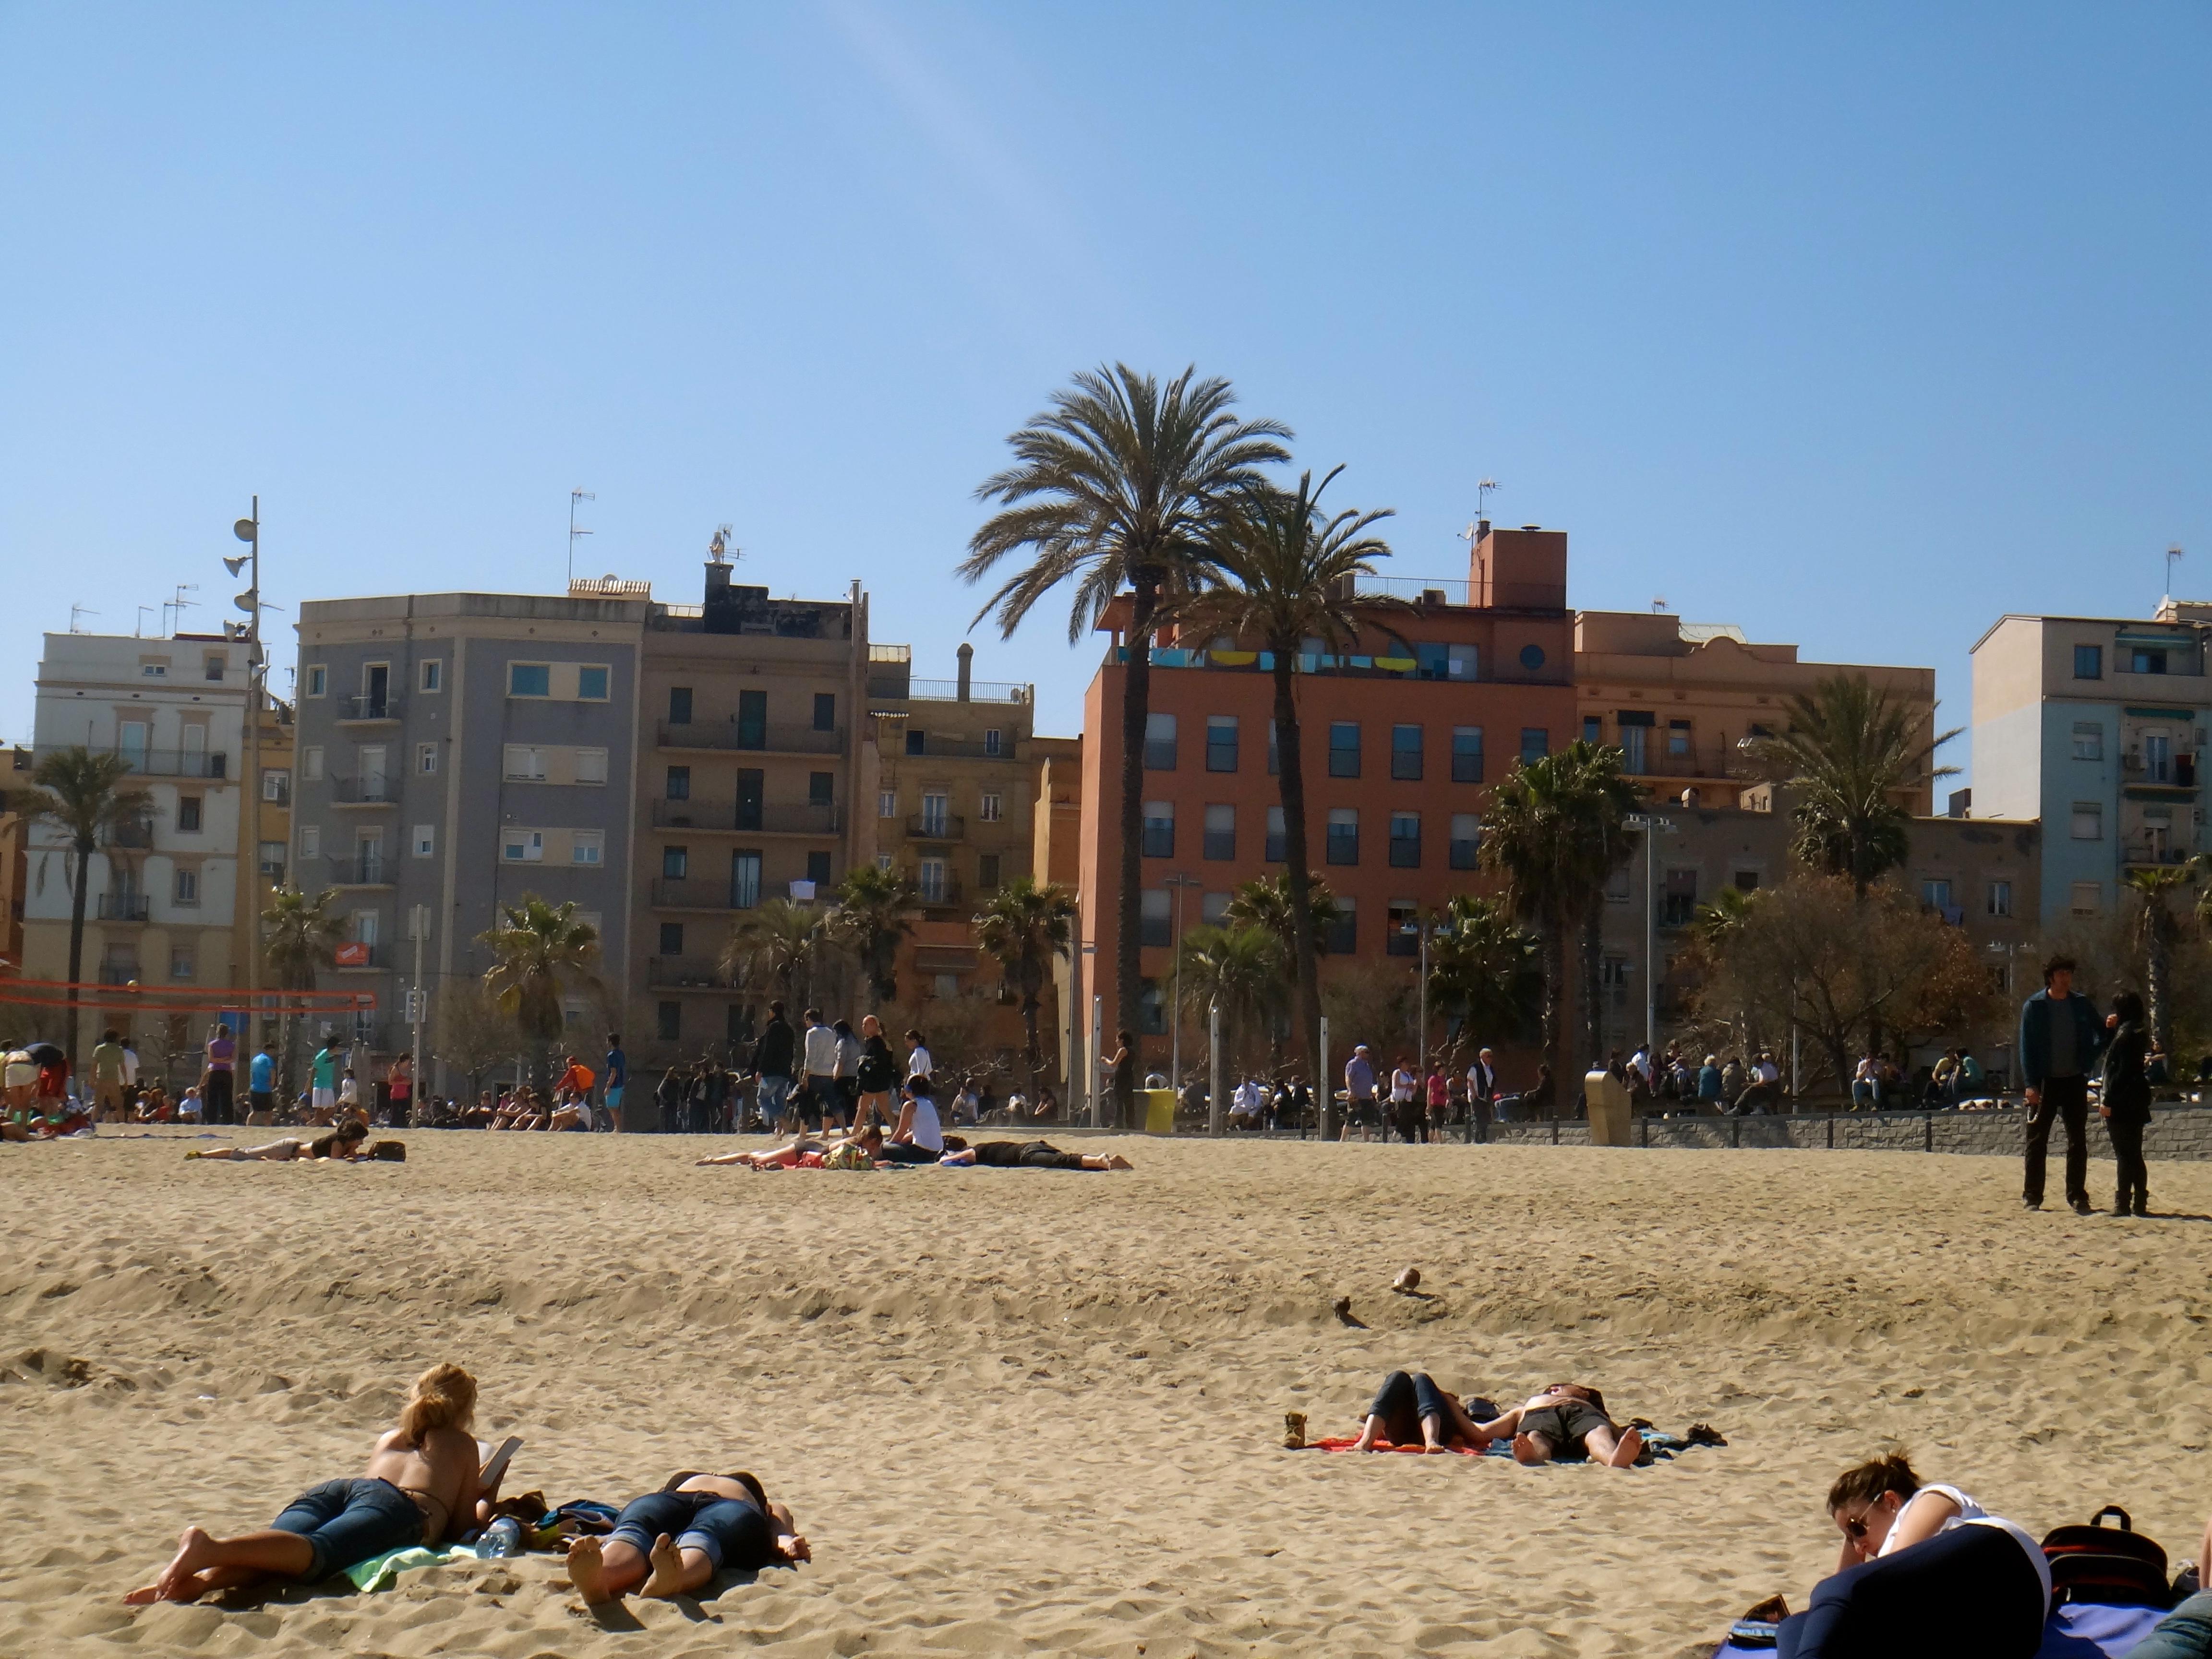 Un petit tour à Barcelone  Un petit tour à Barcelone  Un petit tour à Barcelone  Un petit tour à Barcelone  Un petit tour à Barcelone  Un petit tour à Barcelone